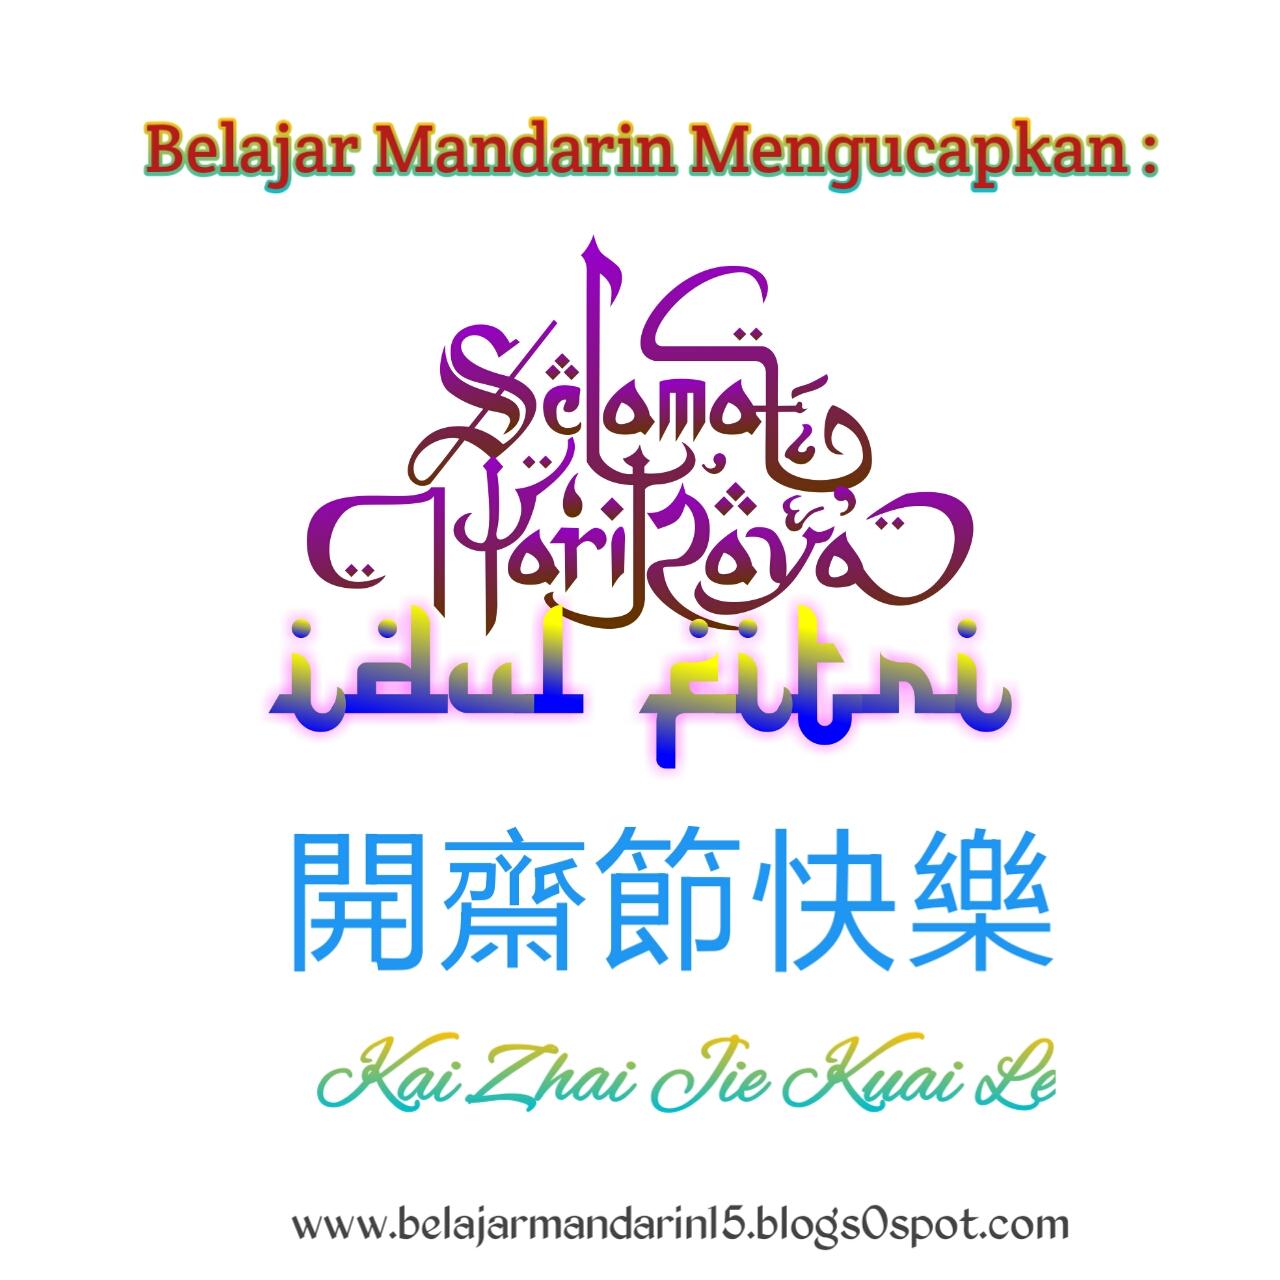 Kalimat Ucapan Hari Raya Idul Fitri Dalam Bahasa Mandarin